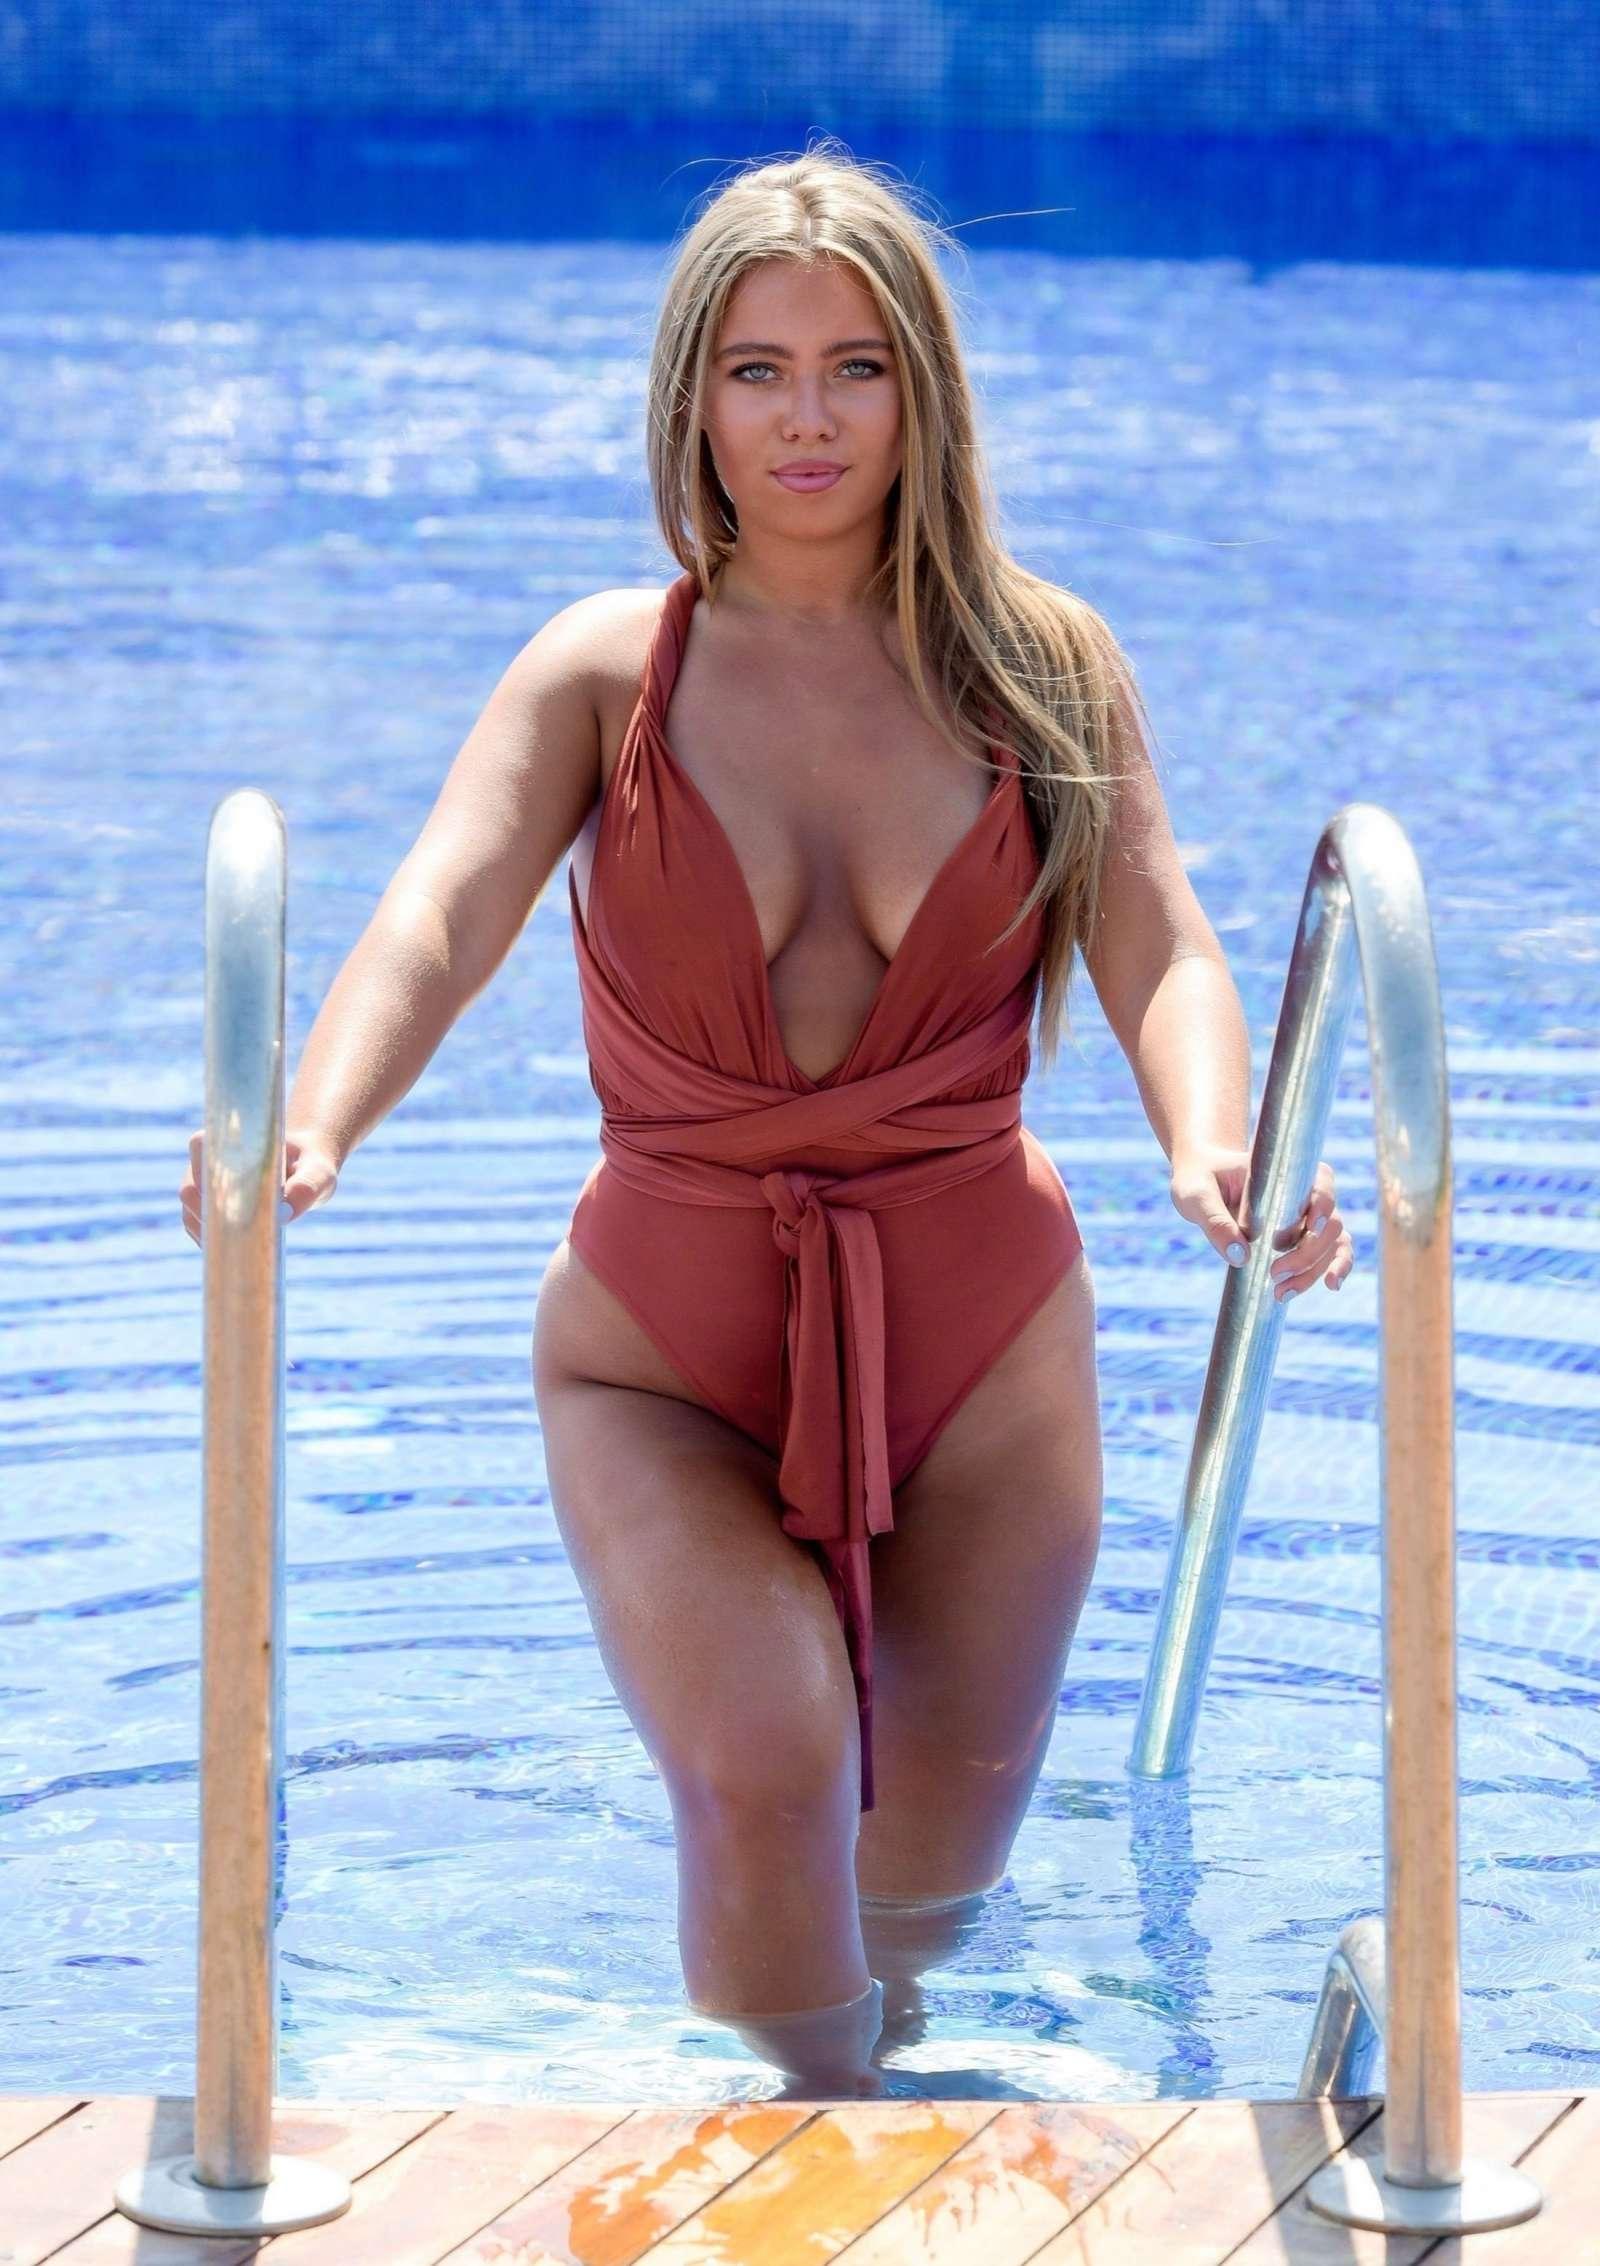 Boobs Bikini Tyne-Lexy Clarson  nudes (24 photo), YouTube, braless